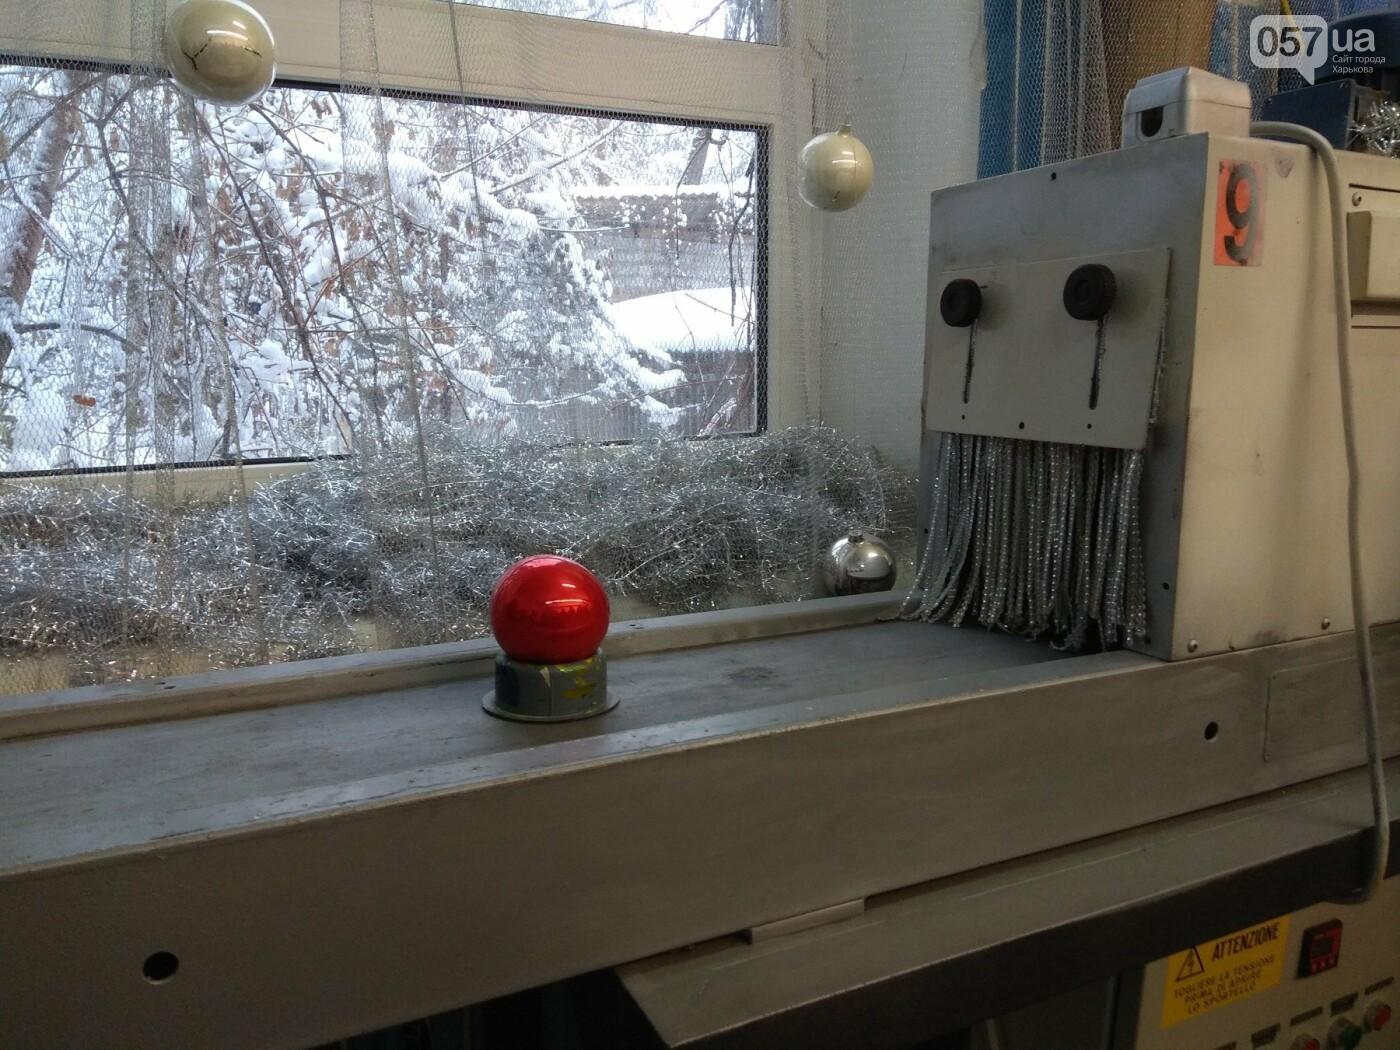 Фабрика елочных игрушек под Киевом. Куда харьковчане могут поехать на выходных, - ФОТО, фото-10